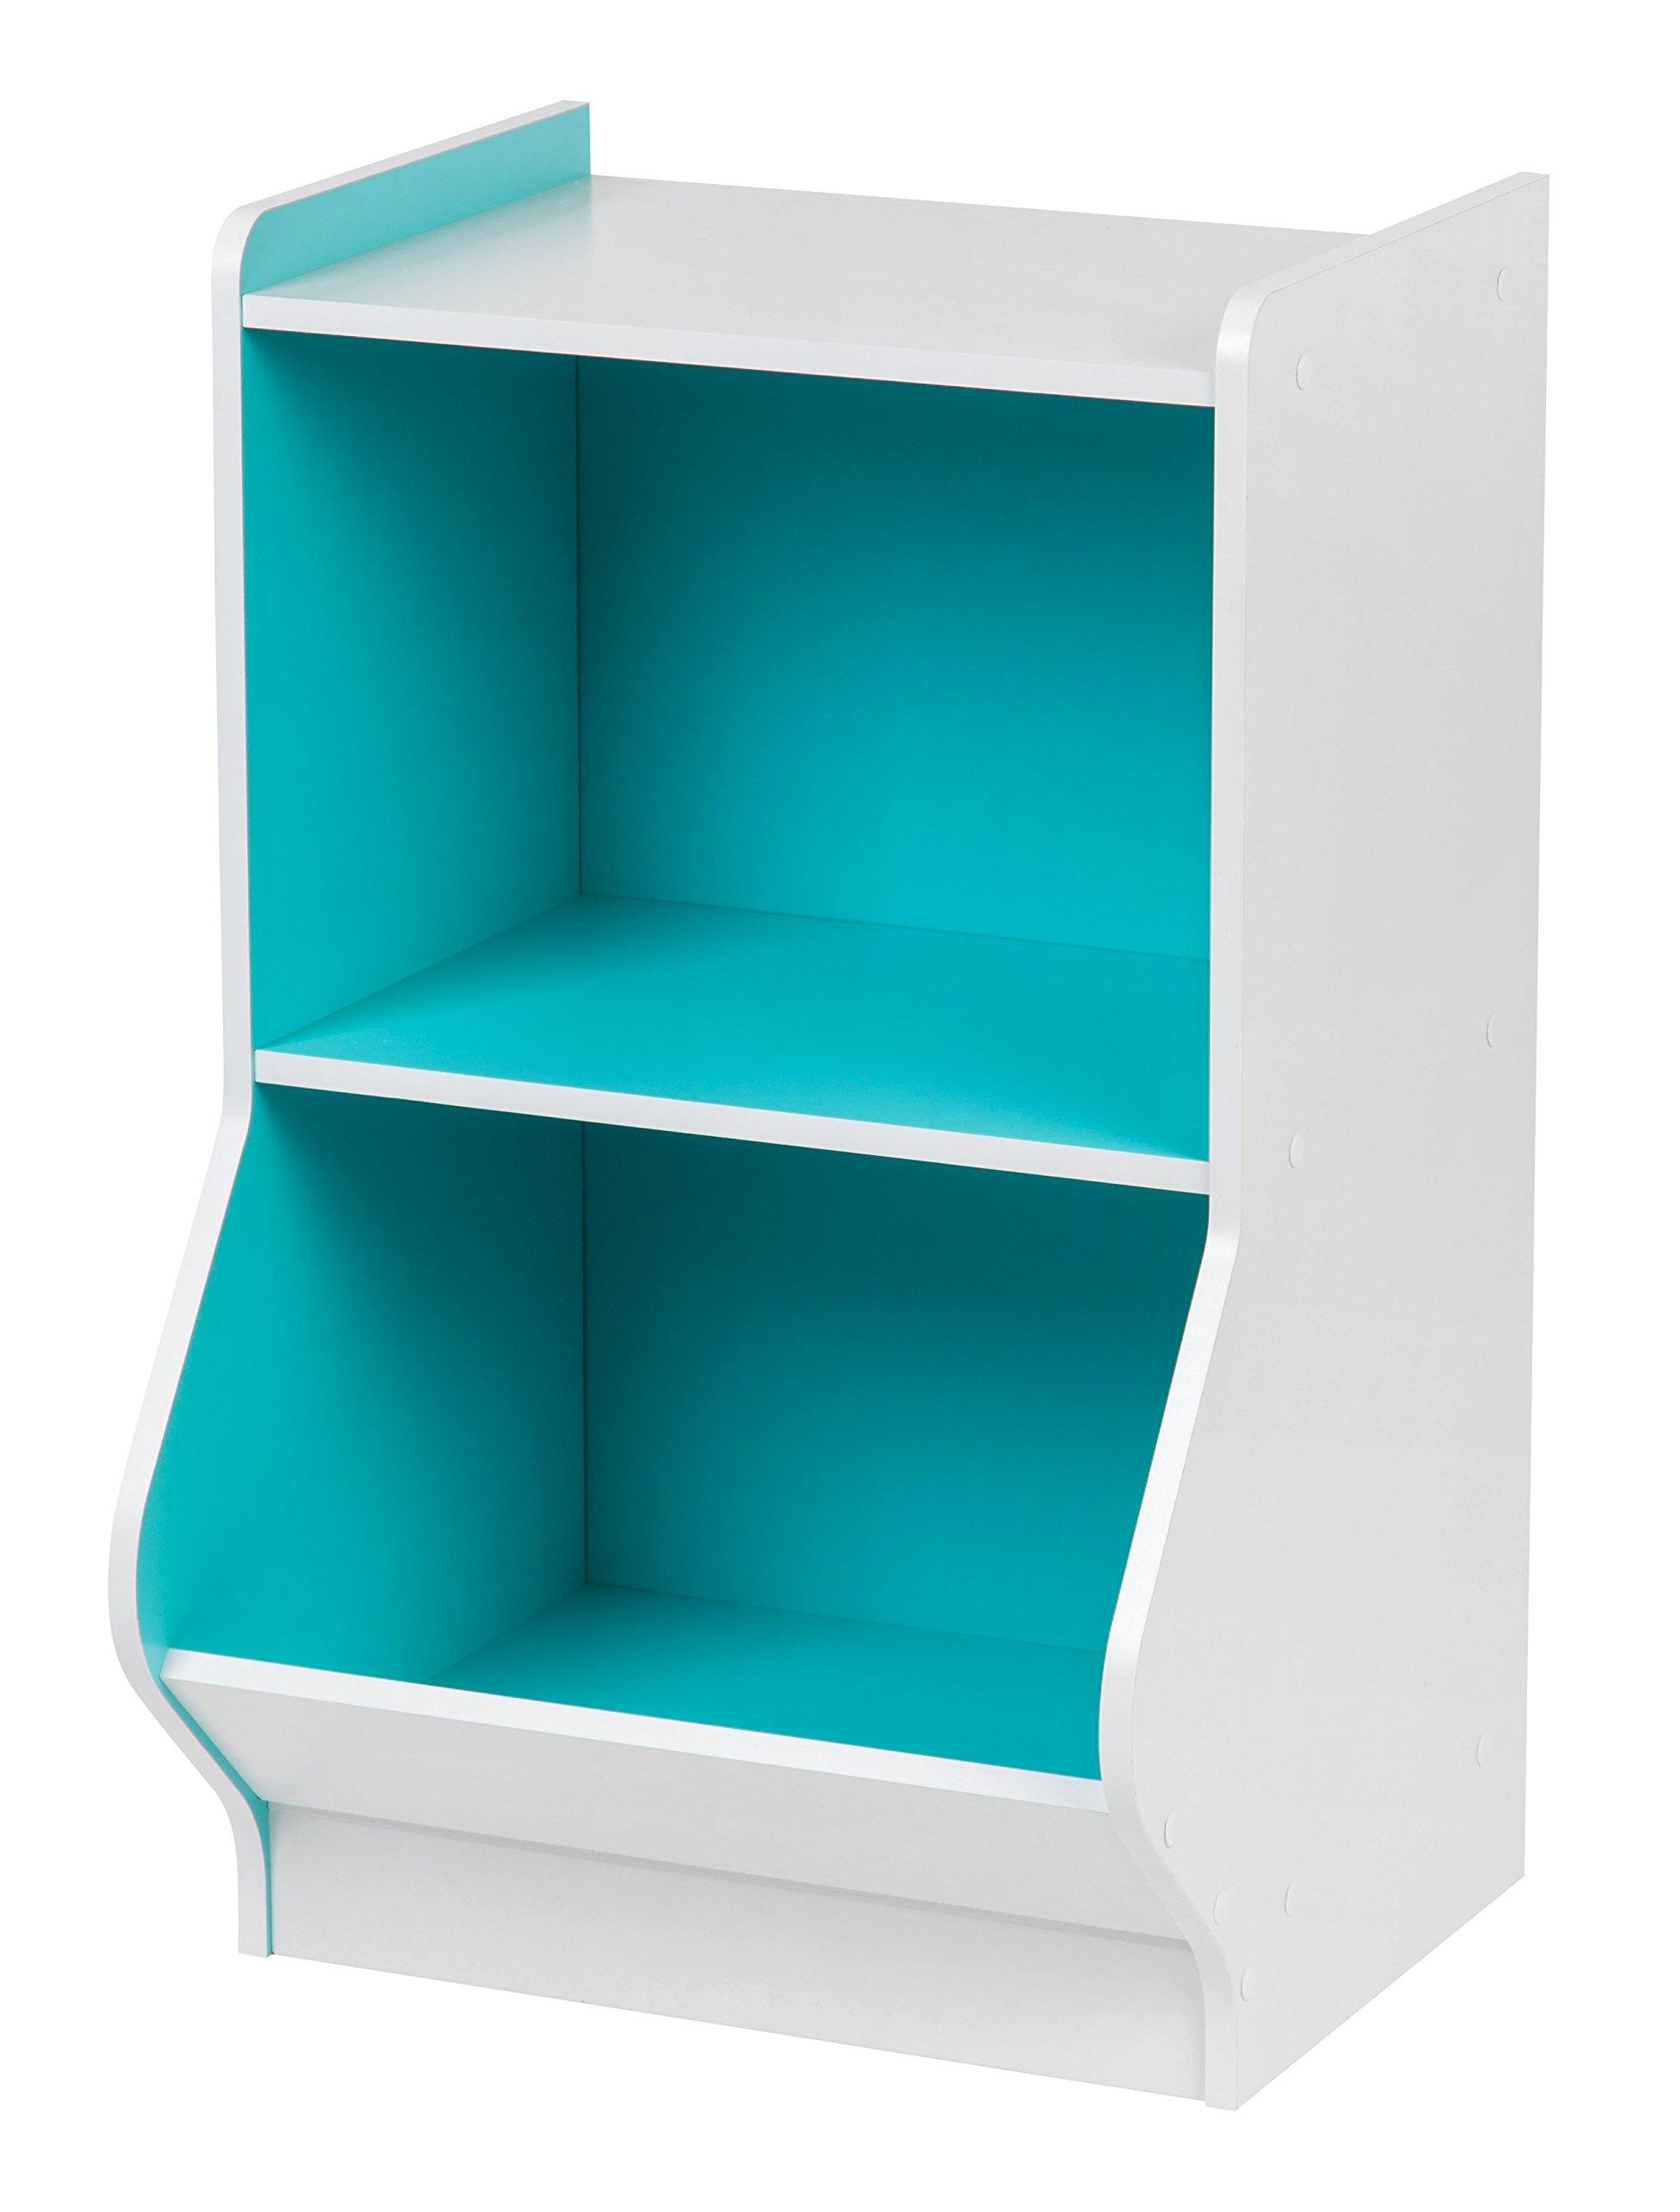 IRIS 2-Tier Storage Shelf, Blue